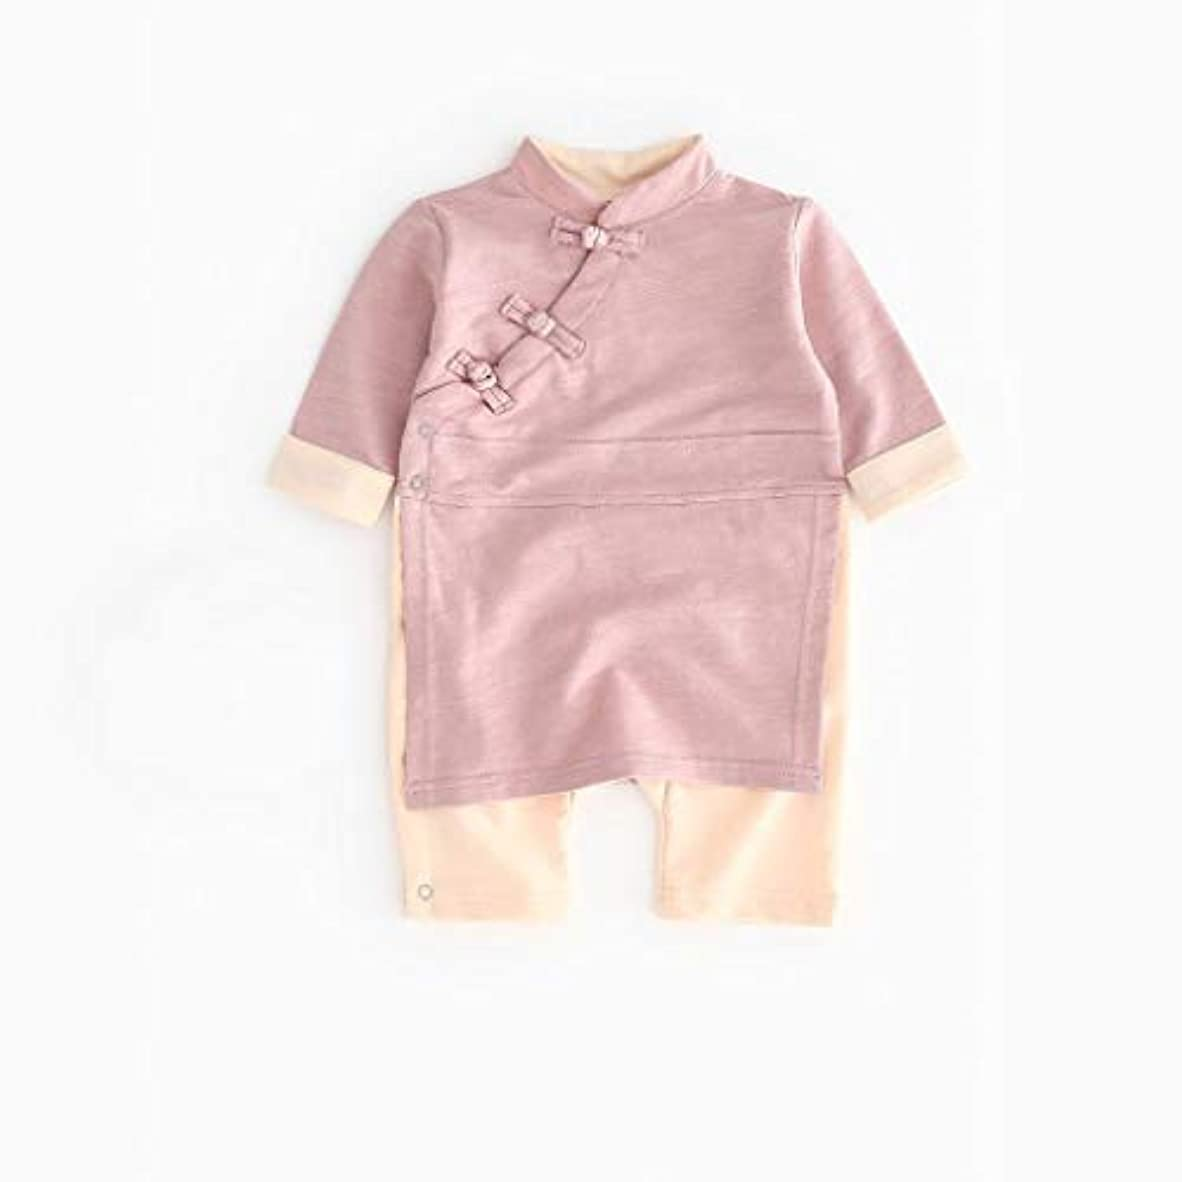 モール懇願する米国かわいいボタン漢風生まれたばかりの赤ちゃん男の子女の子ボタン固体ロンパースジャンプスーツ着物服パジャマ女の子男の子レターストライプ長袖コットンロンパースジャンプスーツ